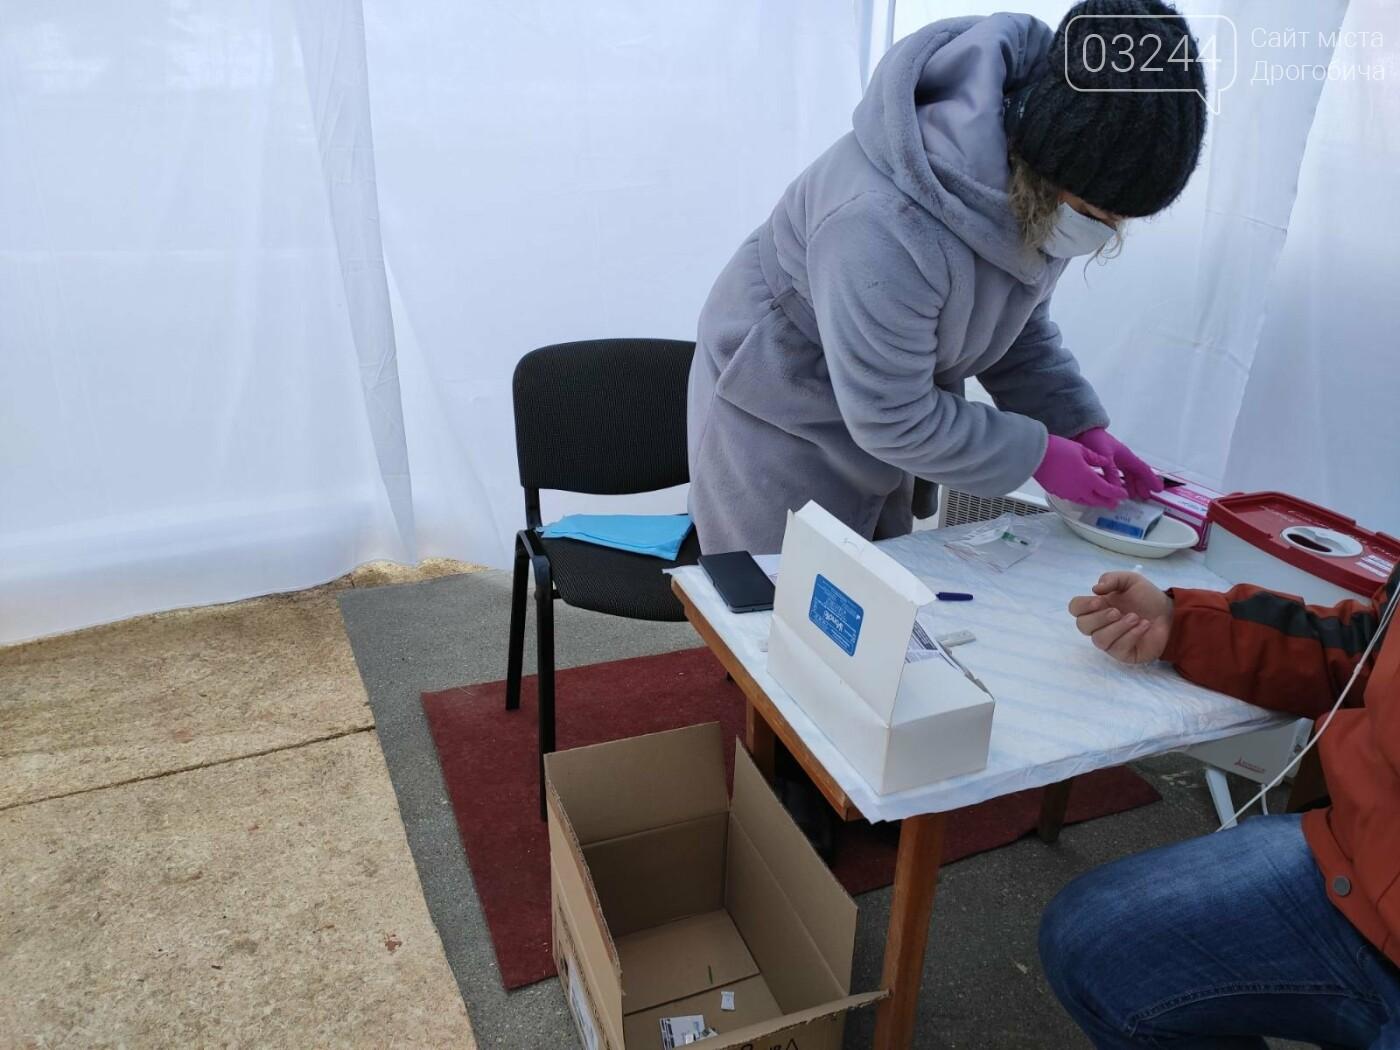 У Дрогобичі сьогодні безкоштовно тестували на ВІЛ-інфекцію. У 2 осіб виявили позитивний результат, фото-4